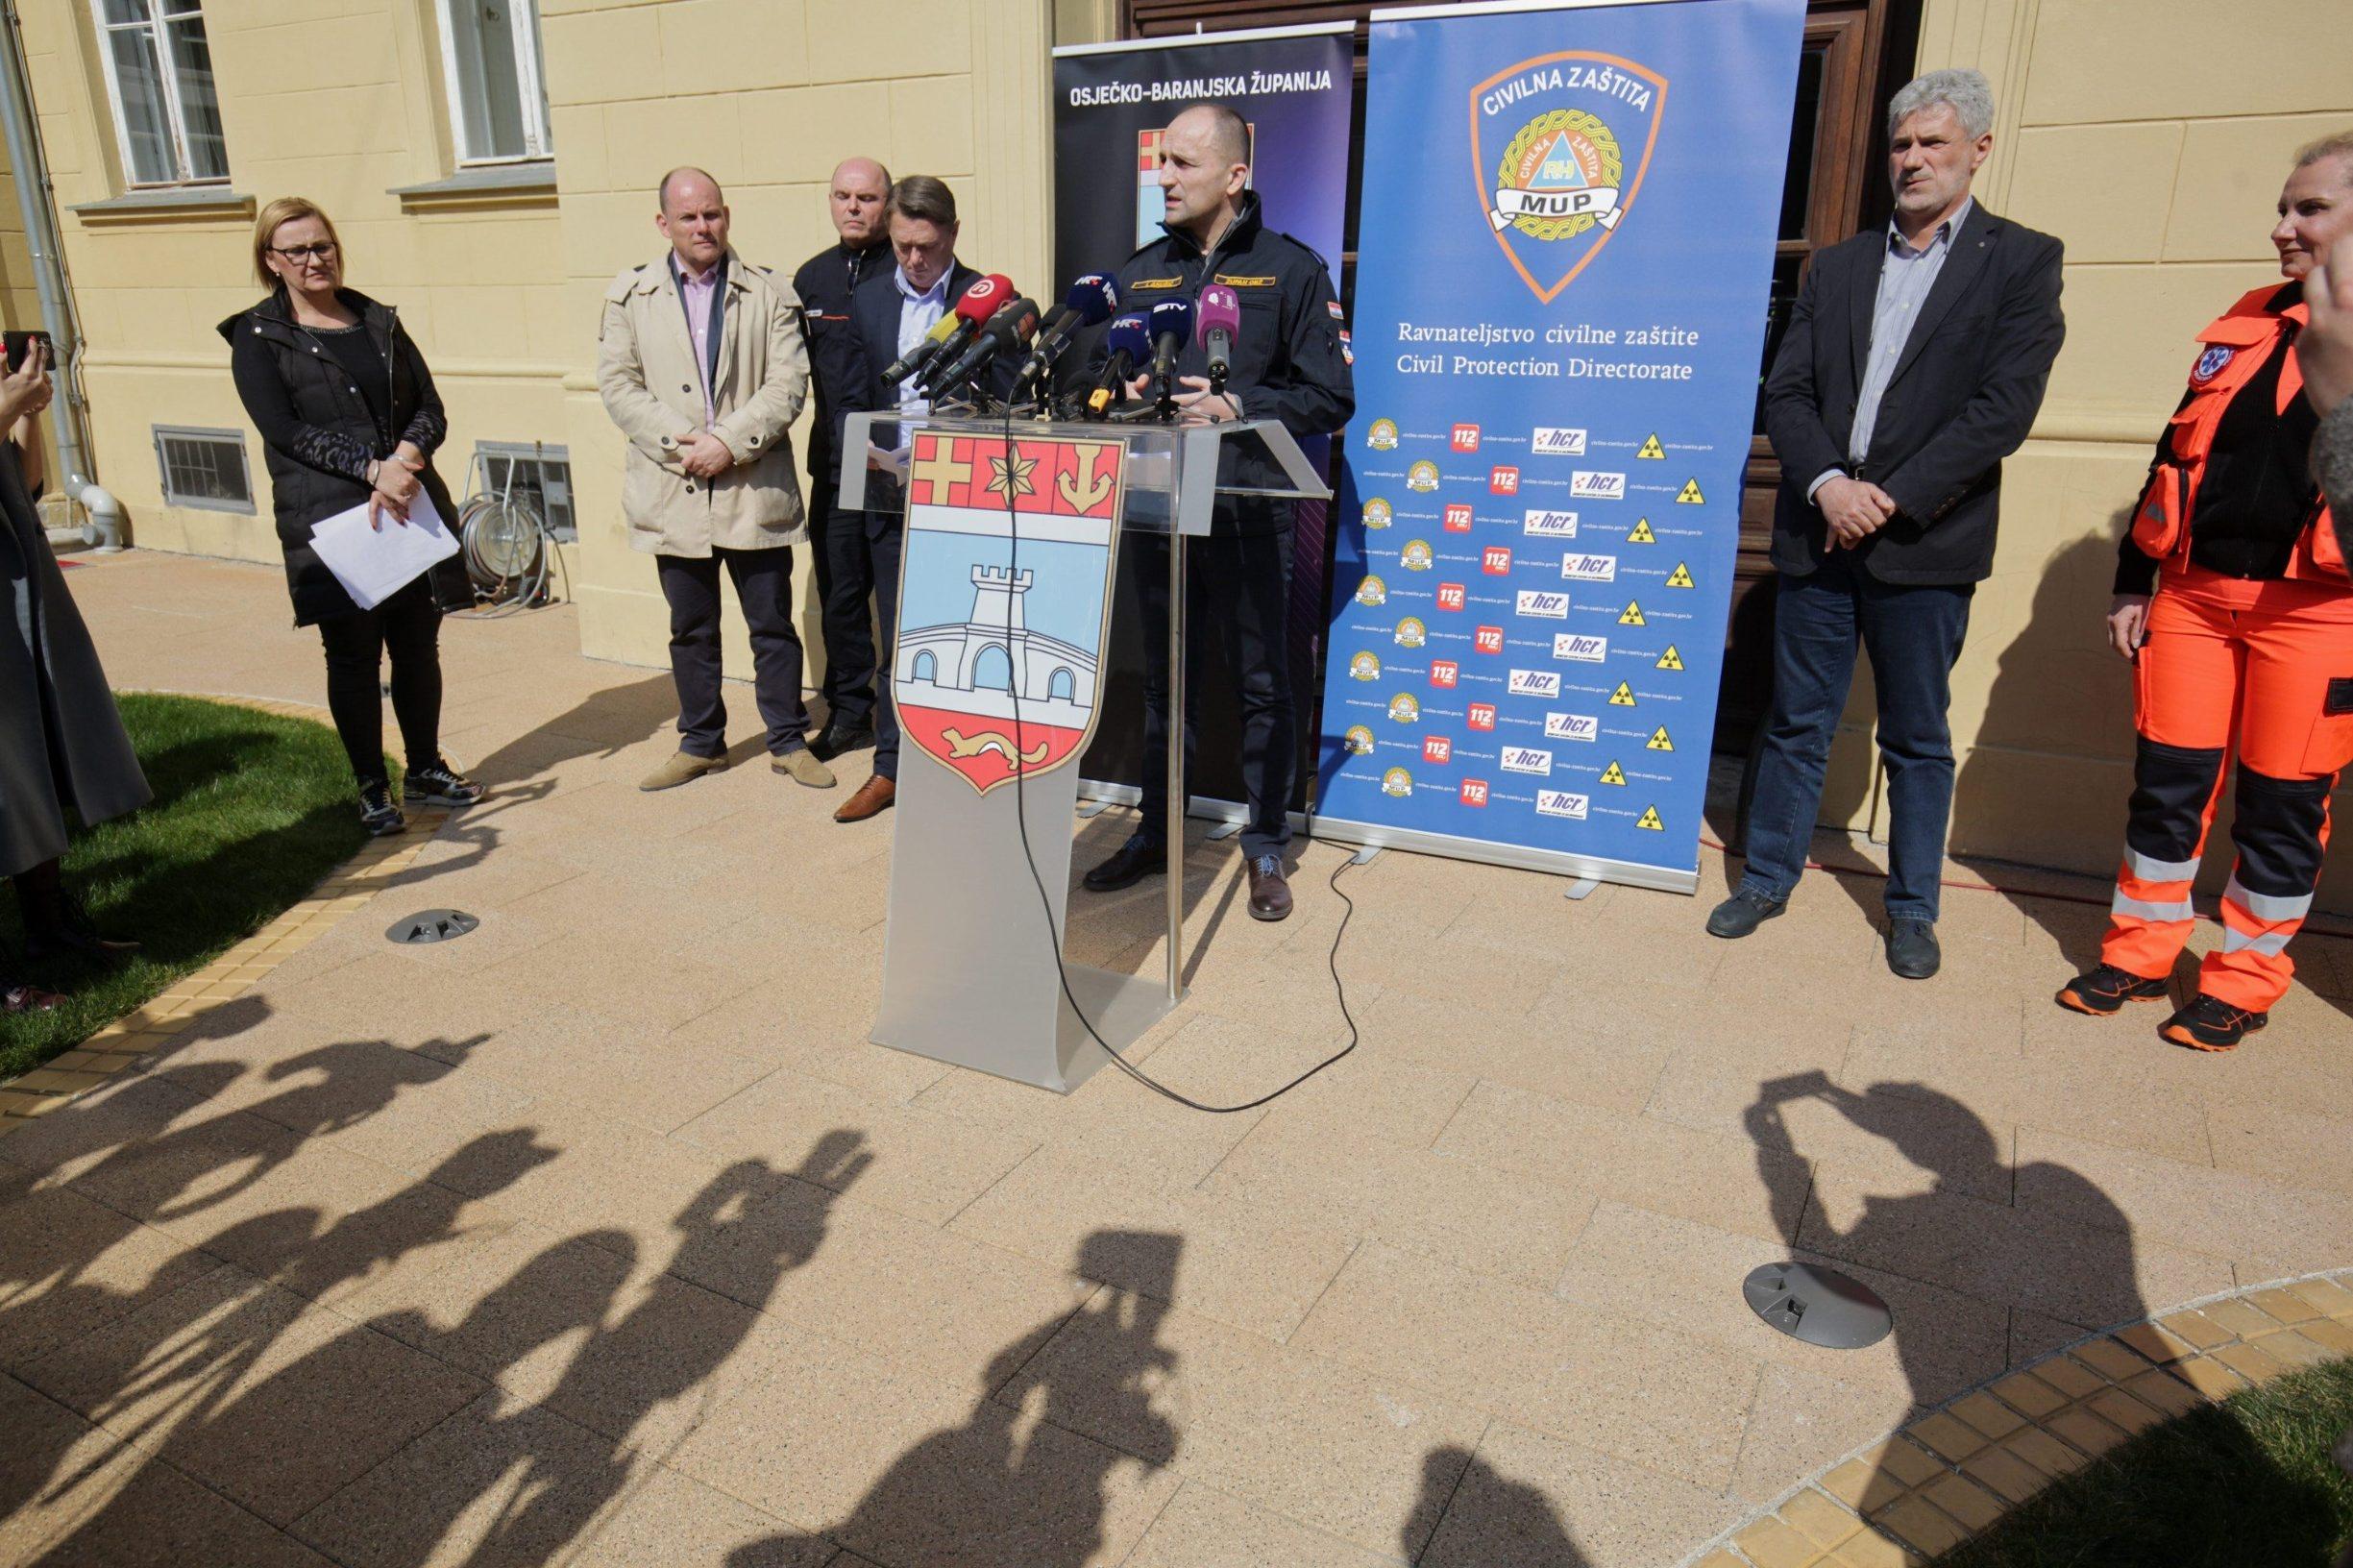 Osijek, 180320 Konferencija za medije Stozera za civilnu zastitu OBZ-a.  Na fotografiji: Ivan Anusic zupan osjecko baranjski.  Foto: Vlado Kos / CROPIX